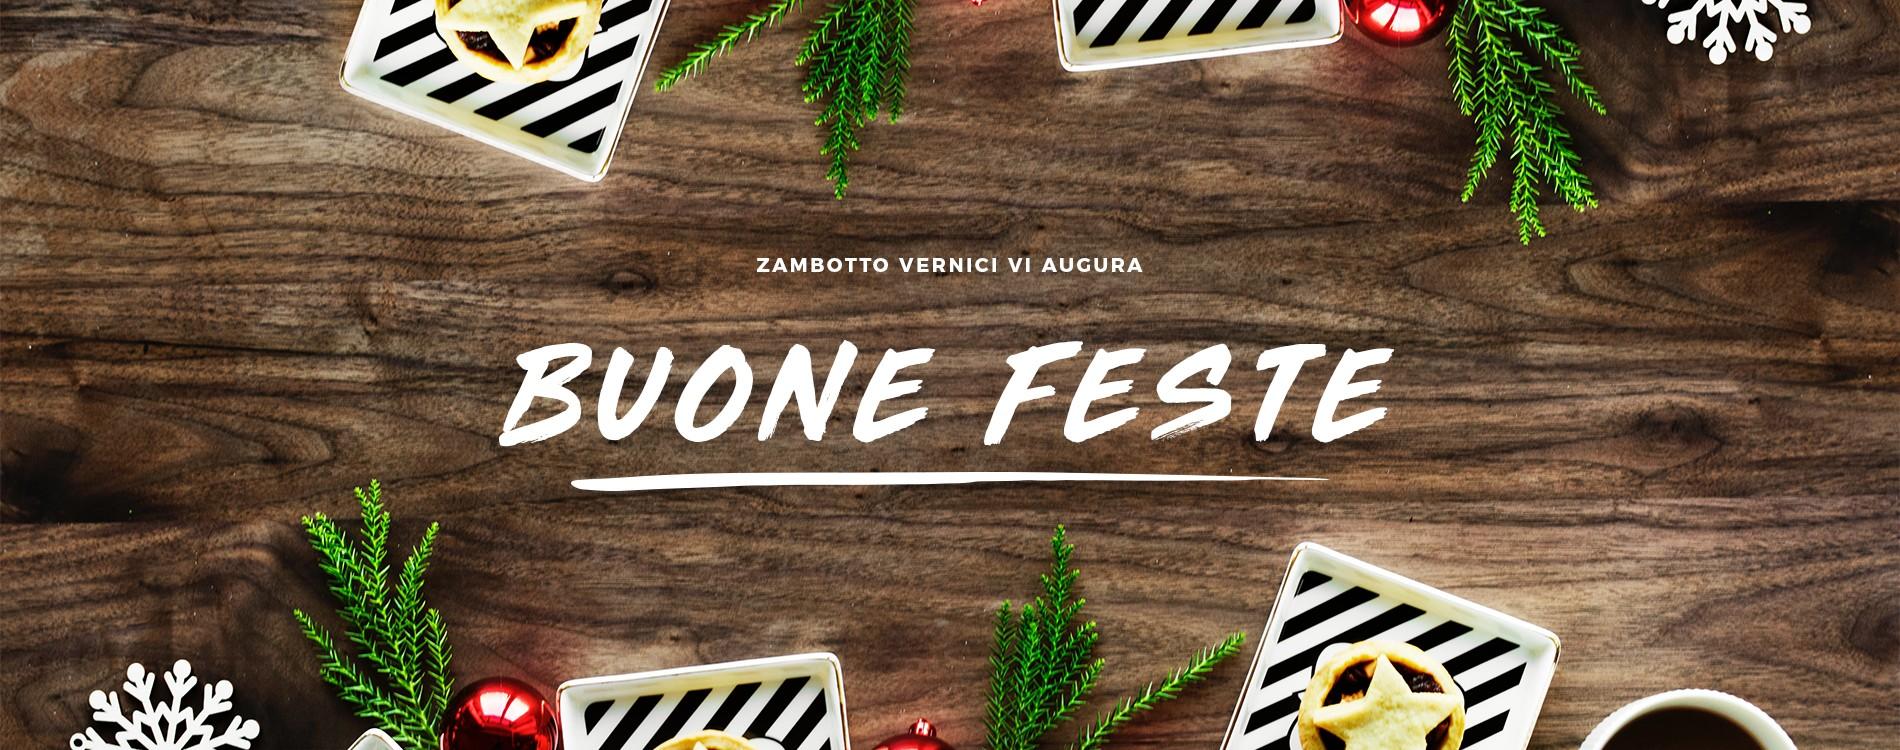 Buone Feste  - Zambotto Vernici